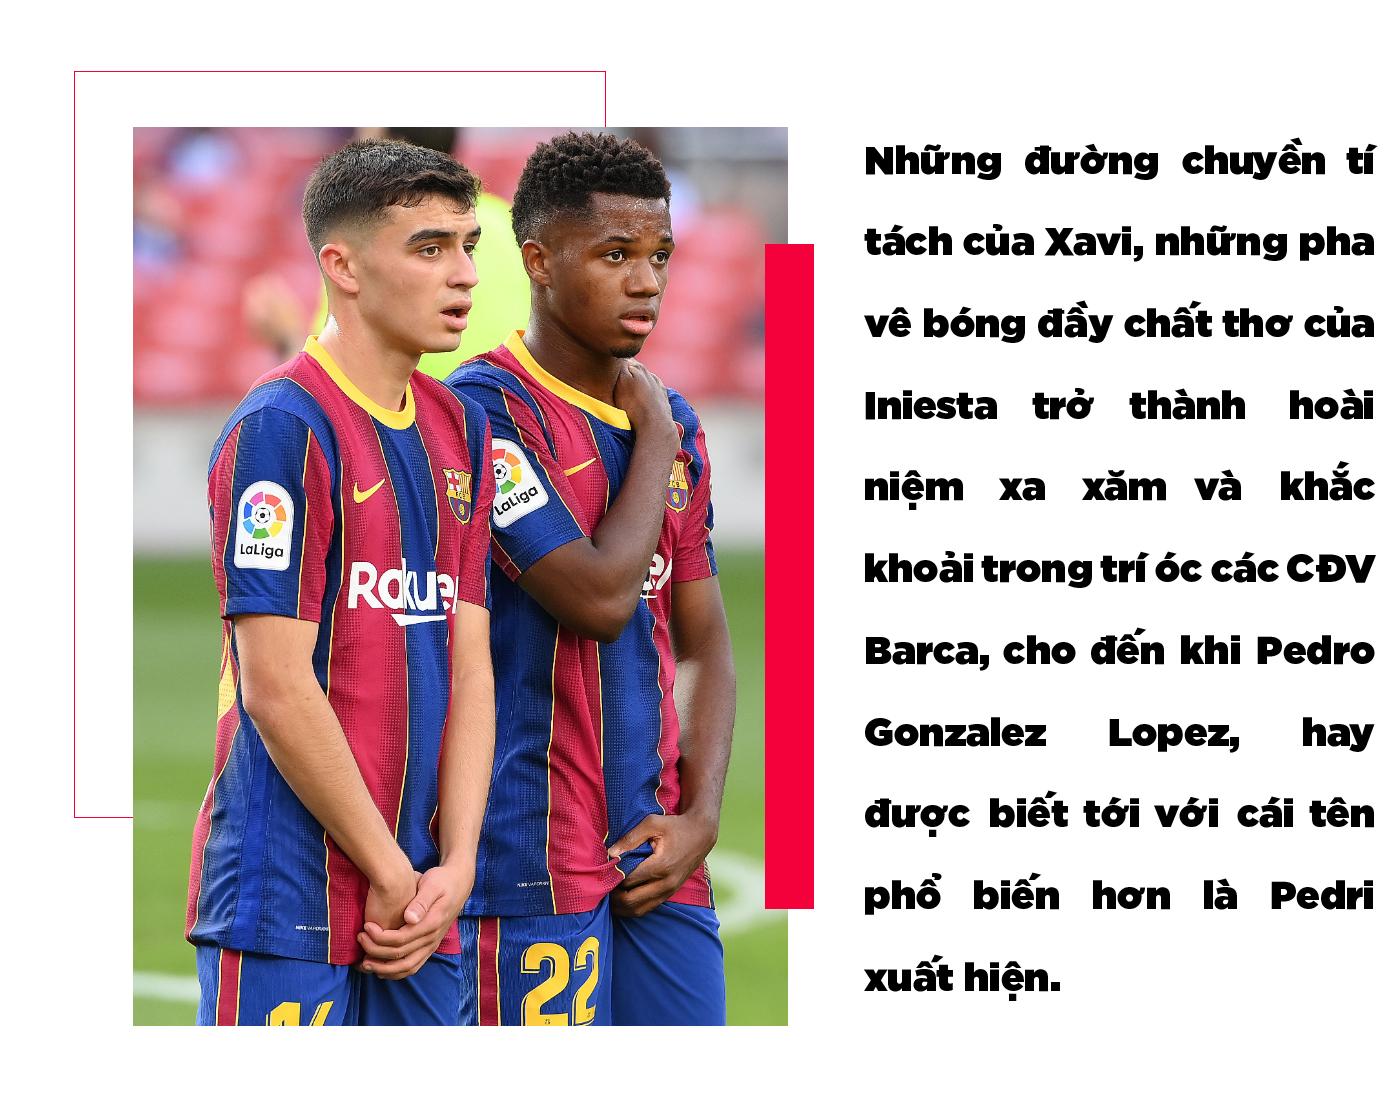 Pedri: Thiên ý kế vị Xavi-Iniesta và niềm hy vọng cứu rỗi Barca - Ảnh 3.